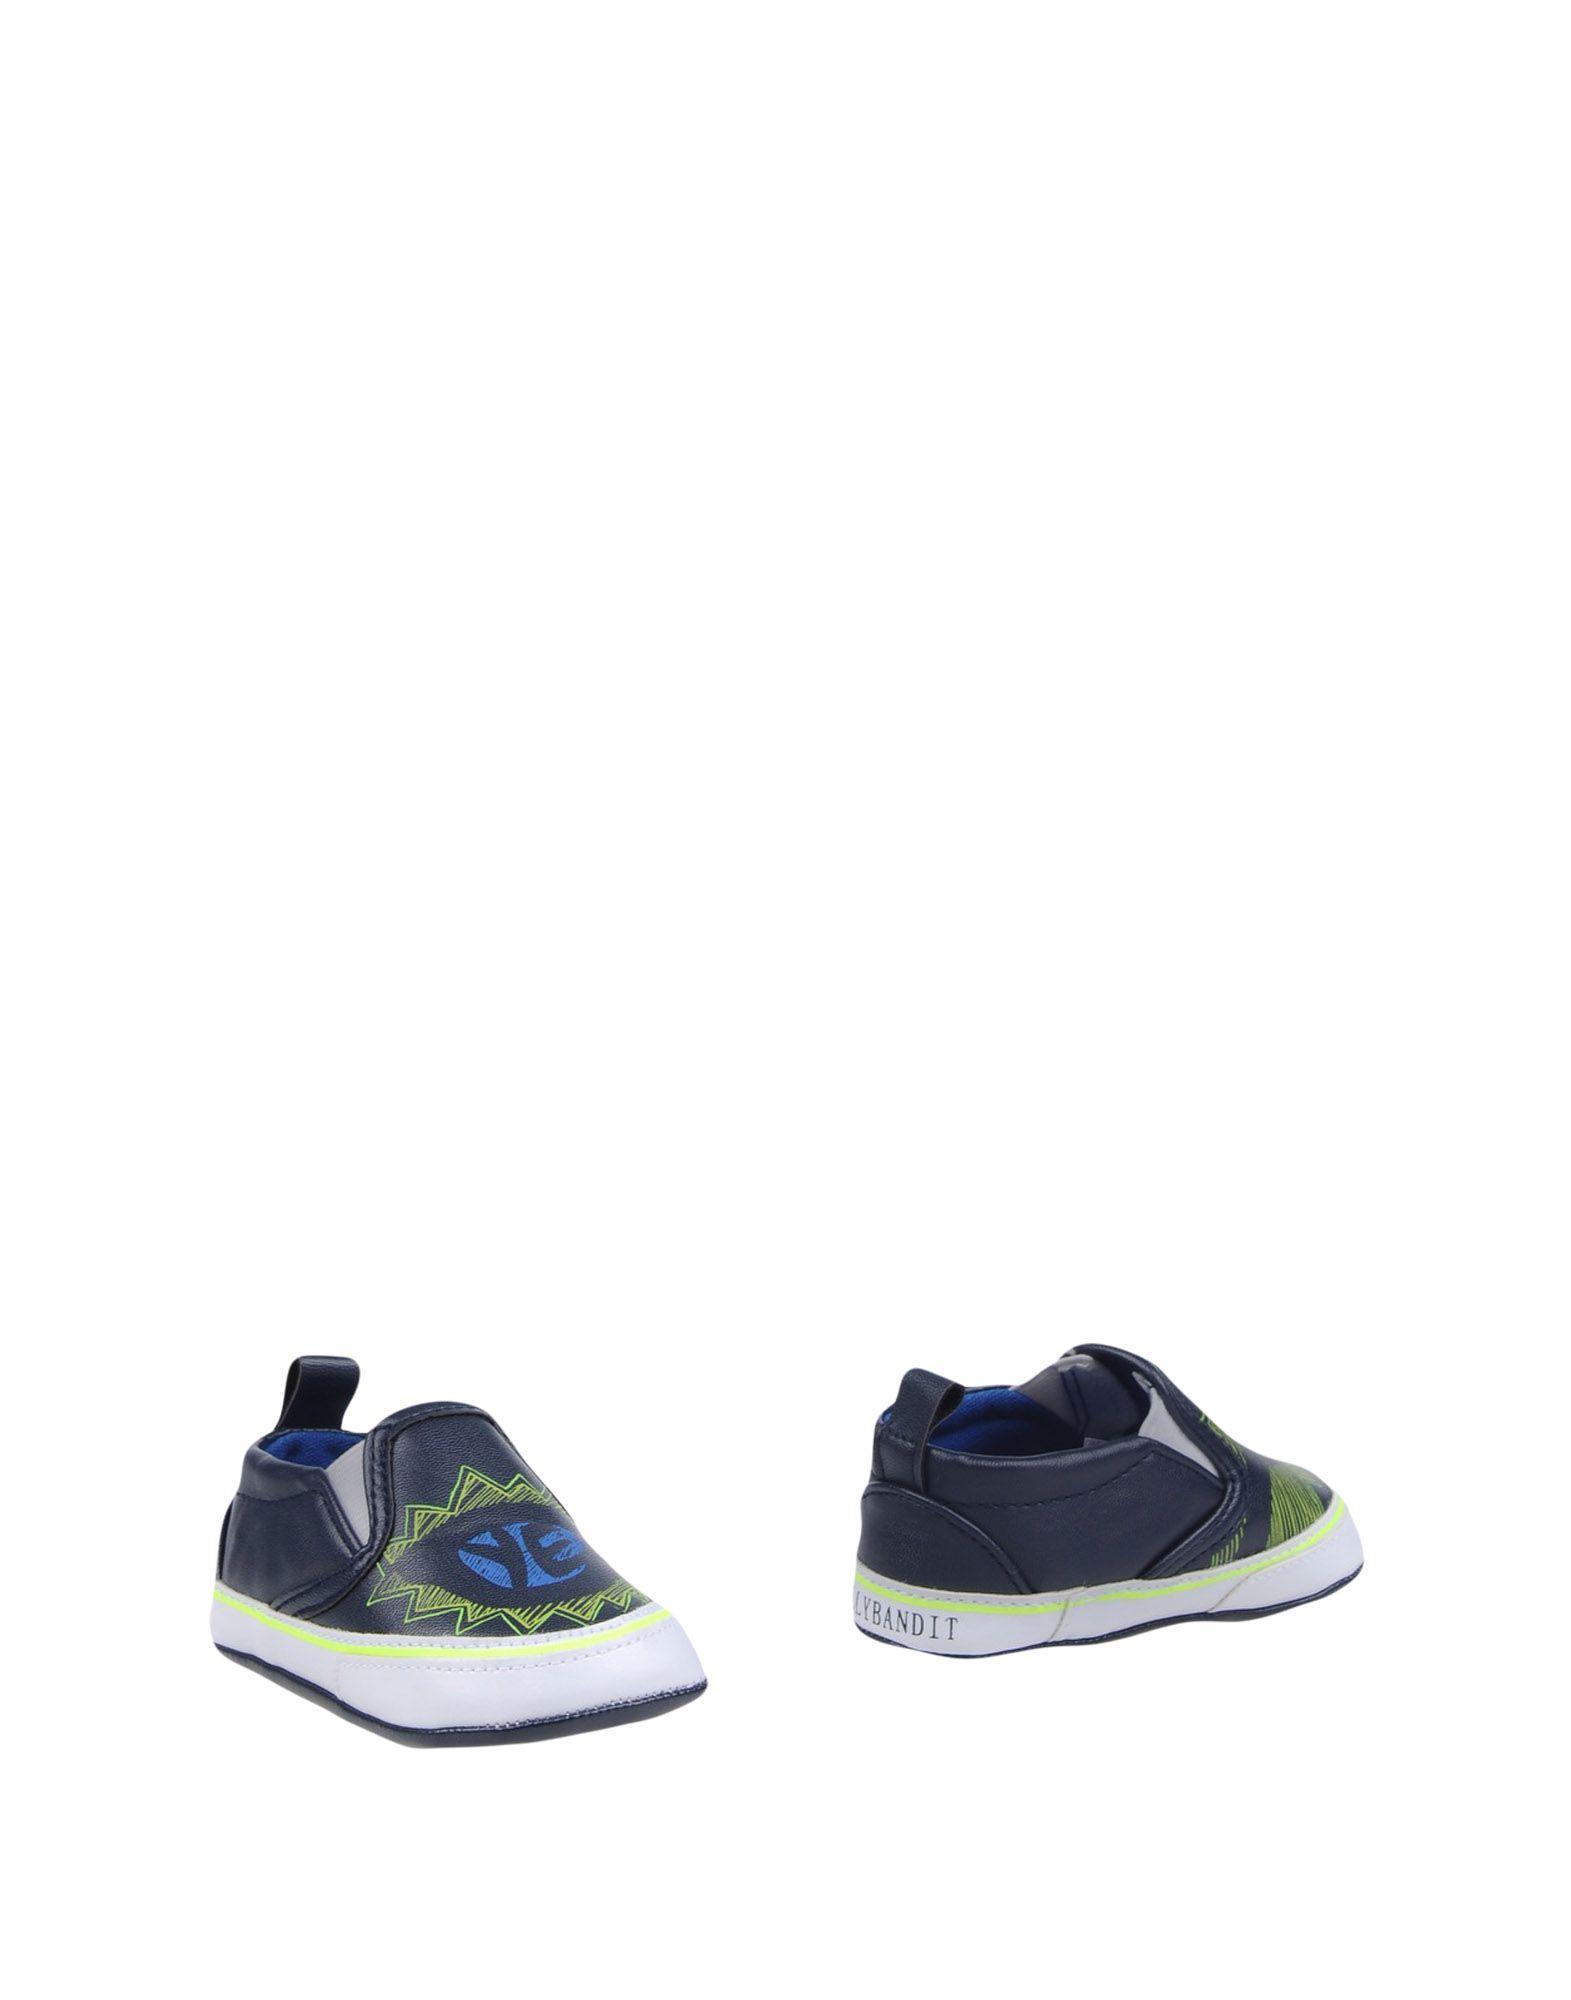 BILLYBANDIT Обувь для новорожденных